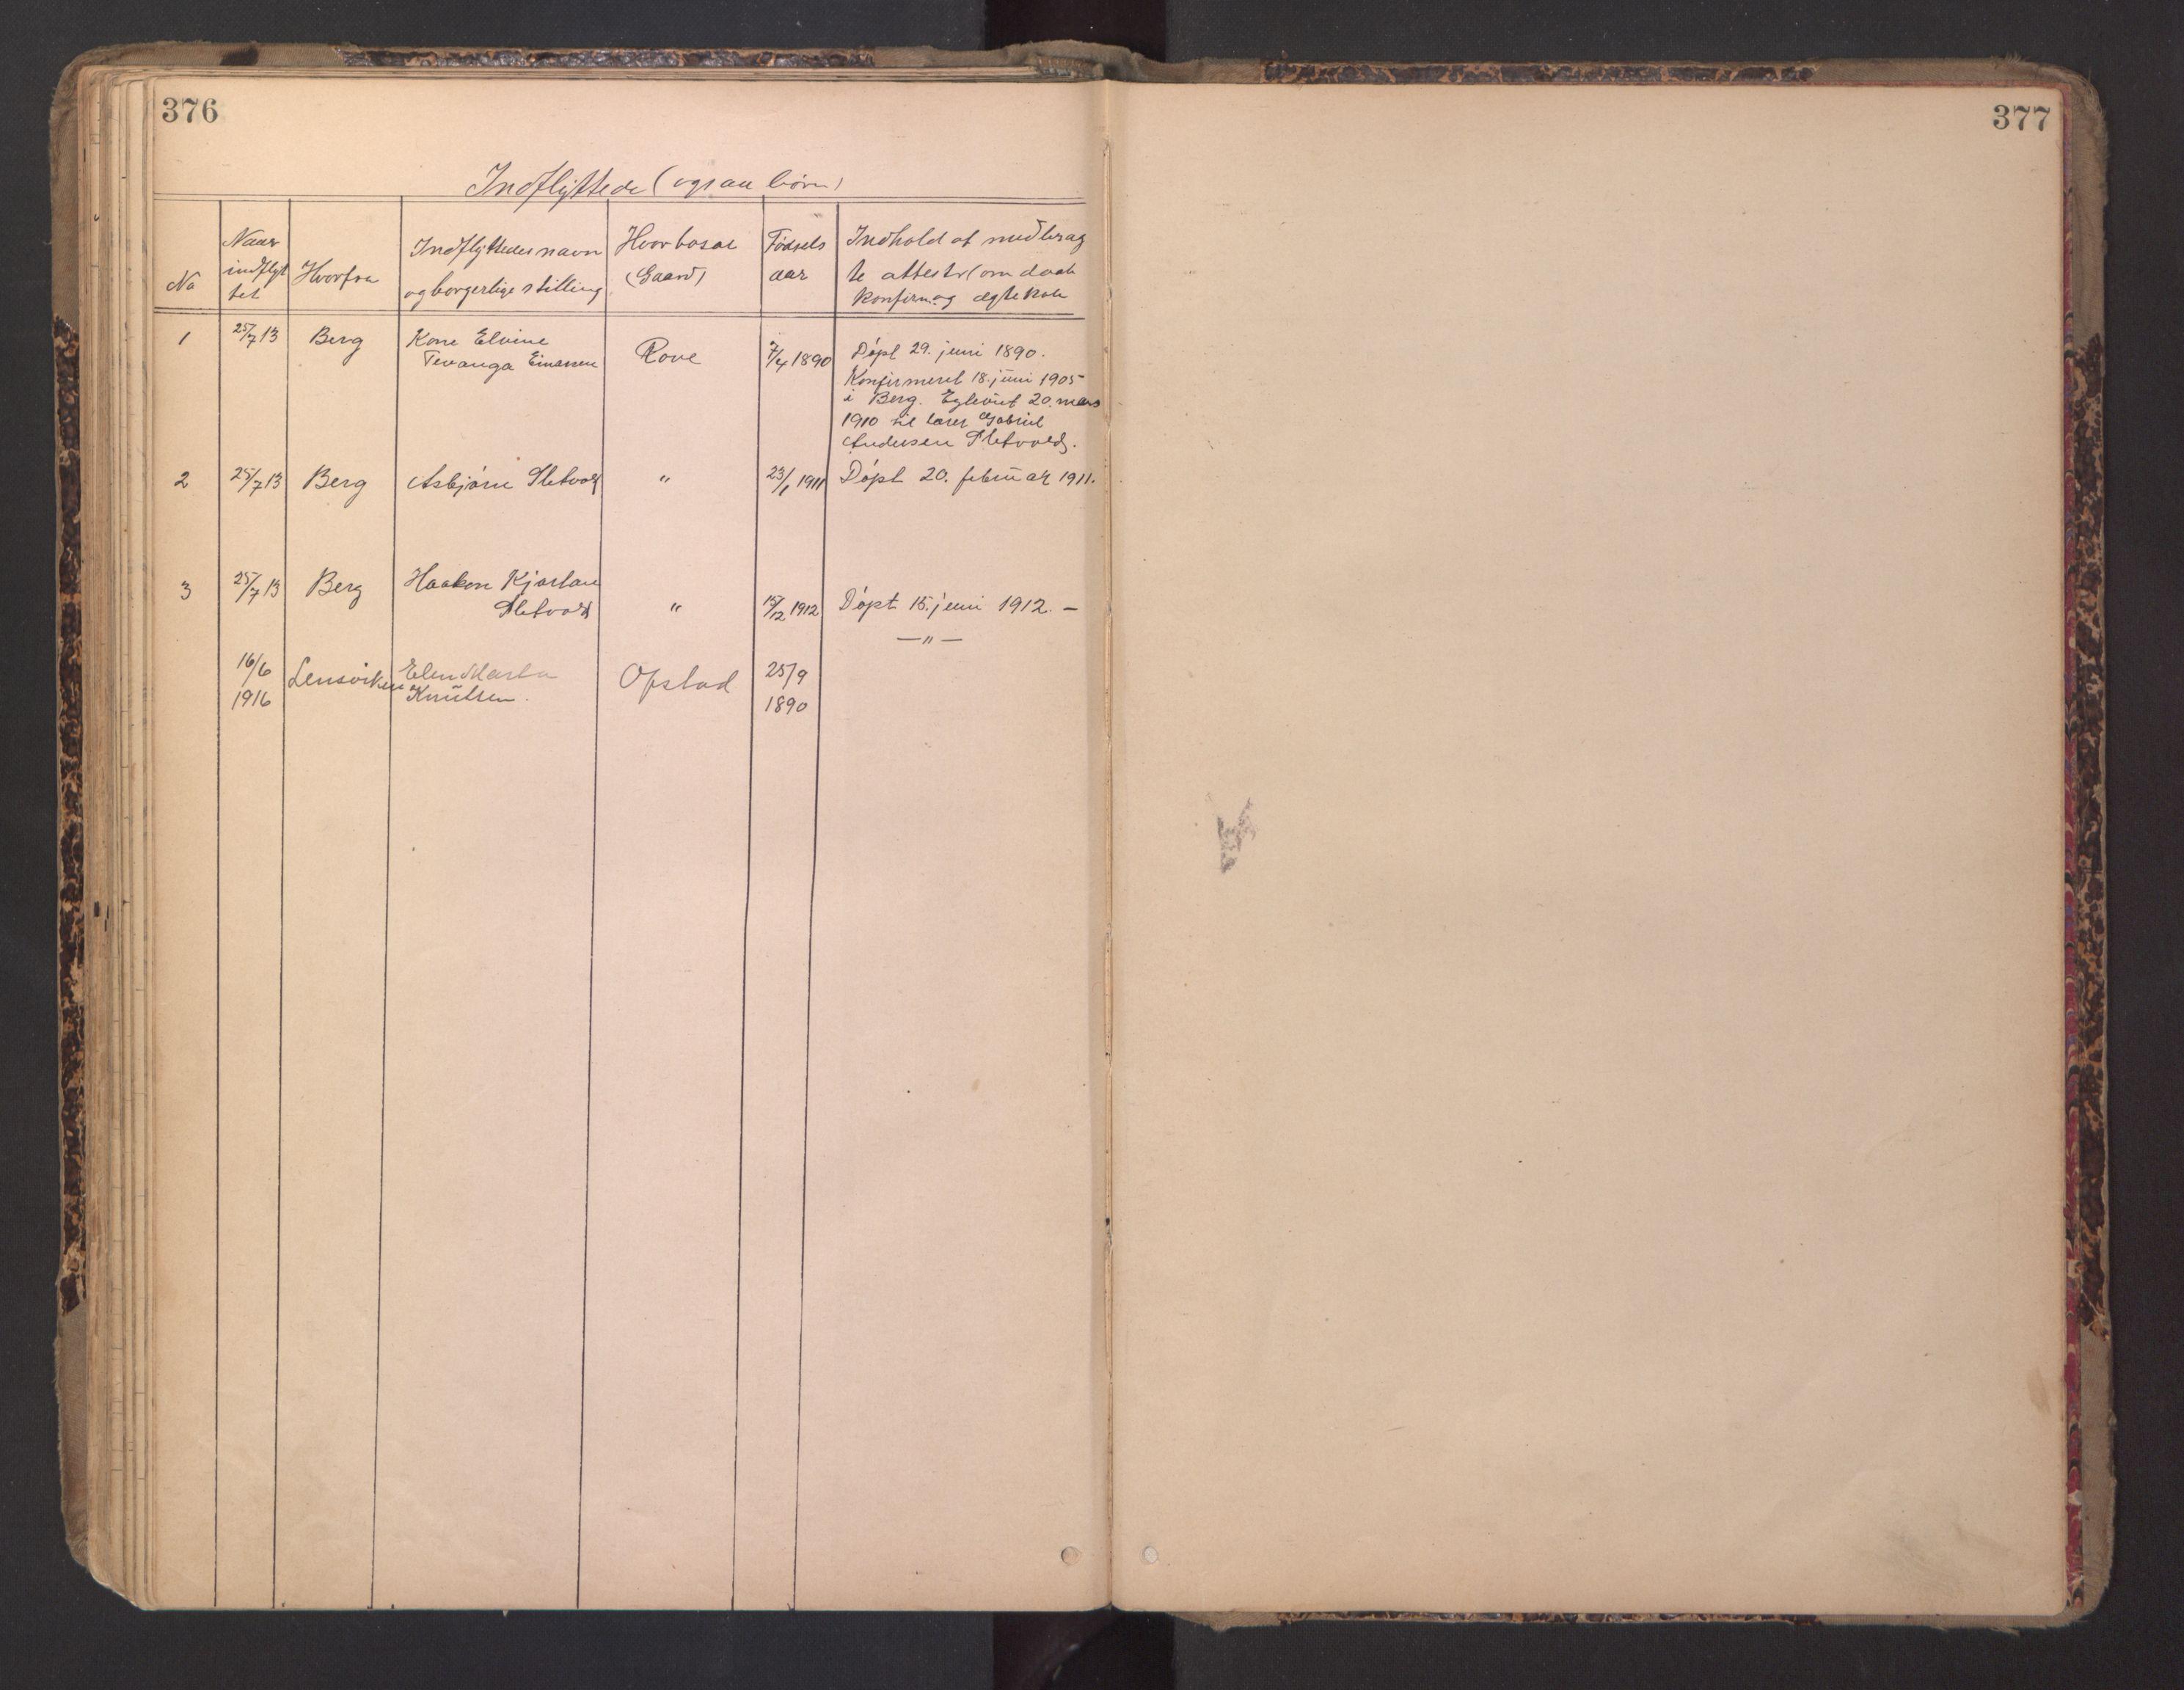 SAT, Ministerialprotokoller, klokkerbøker og fødselsregistre - Sør-Trøndelag, 670/L0837: Klokkerbok nr. 670C01, 1905-1946, s. 376-377